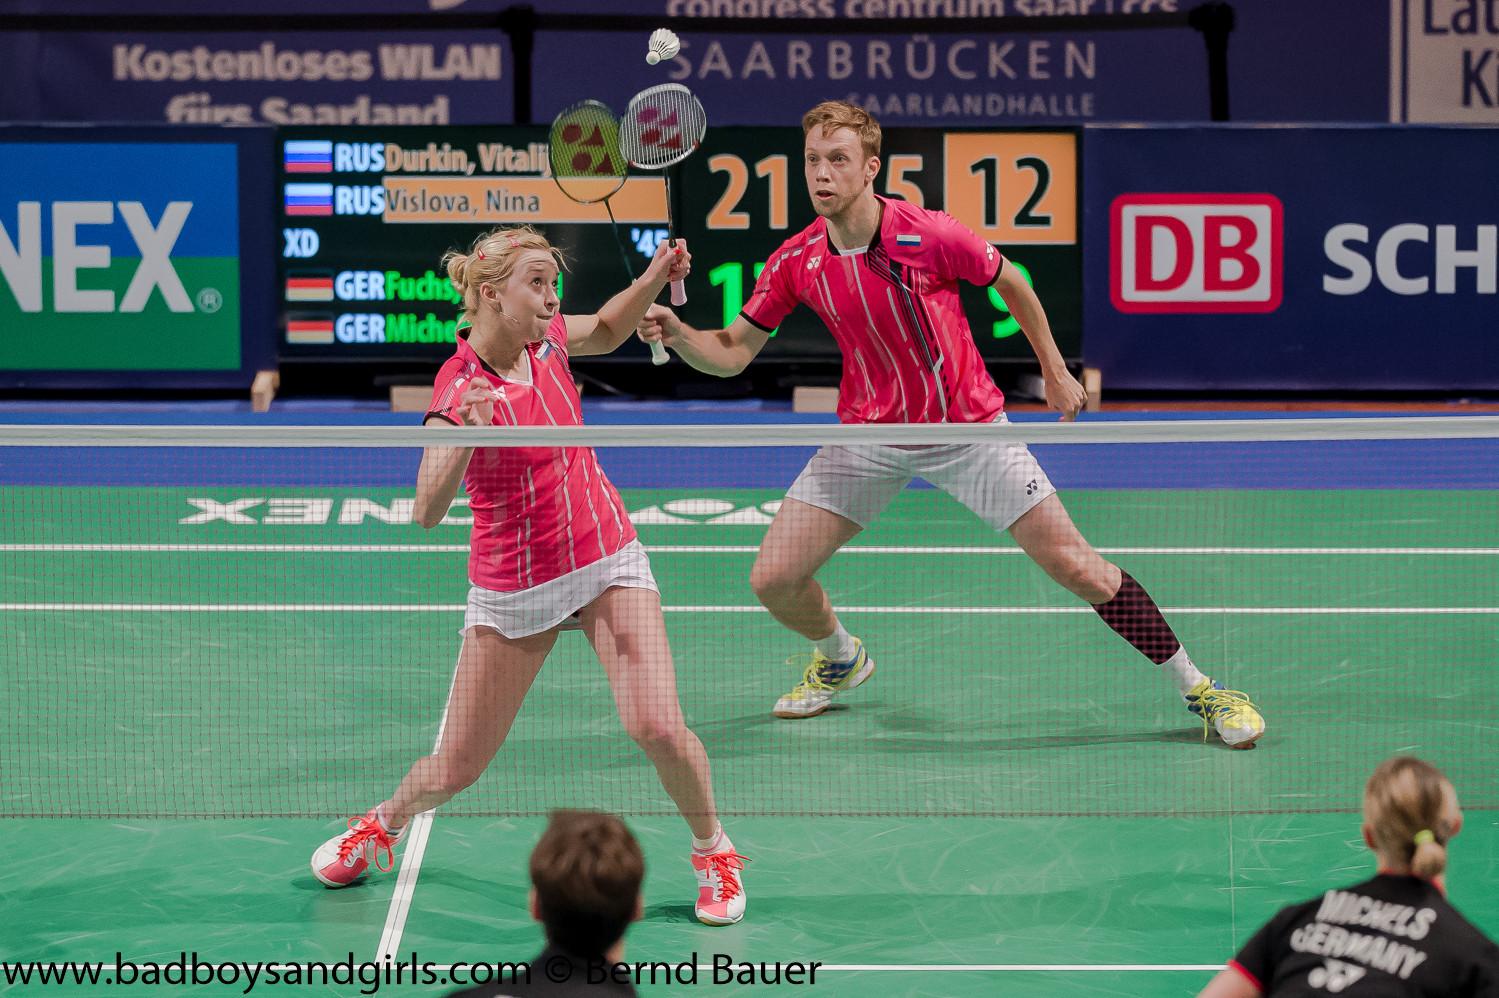 unterlagen hier aber den Russen Durkin Vislova, wie bereits vor einigen Wochen im Finale der Prague Open.